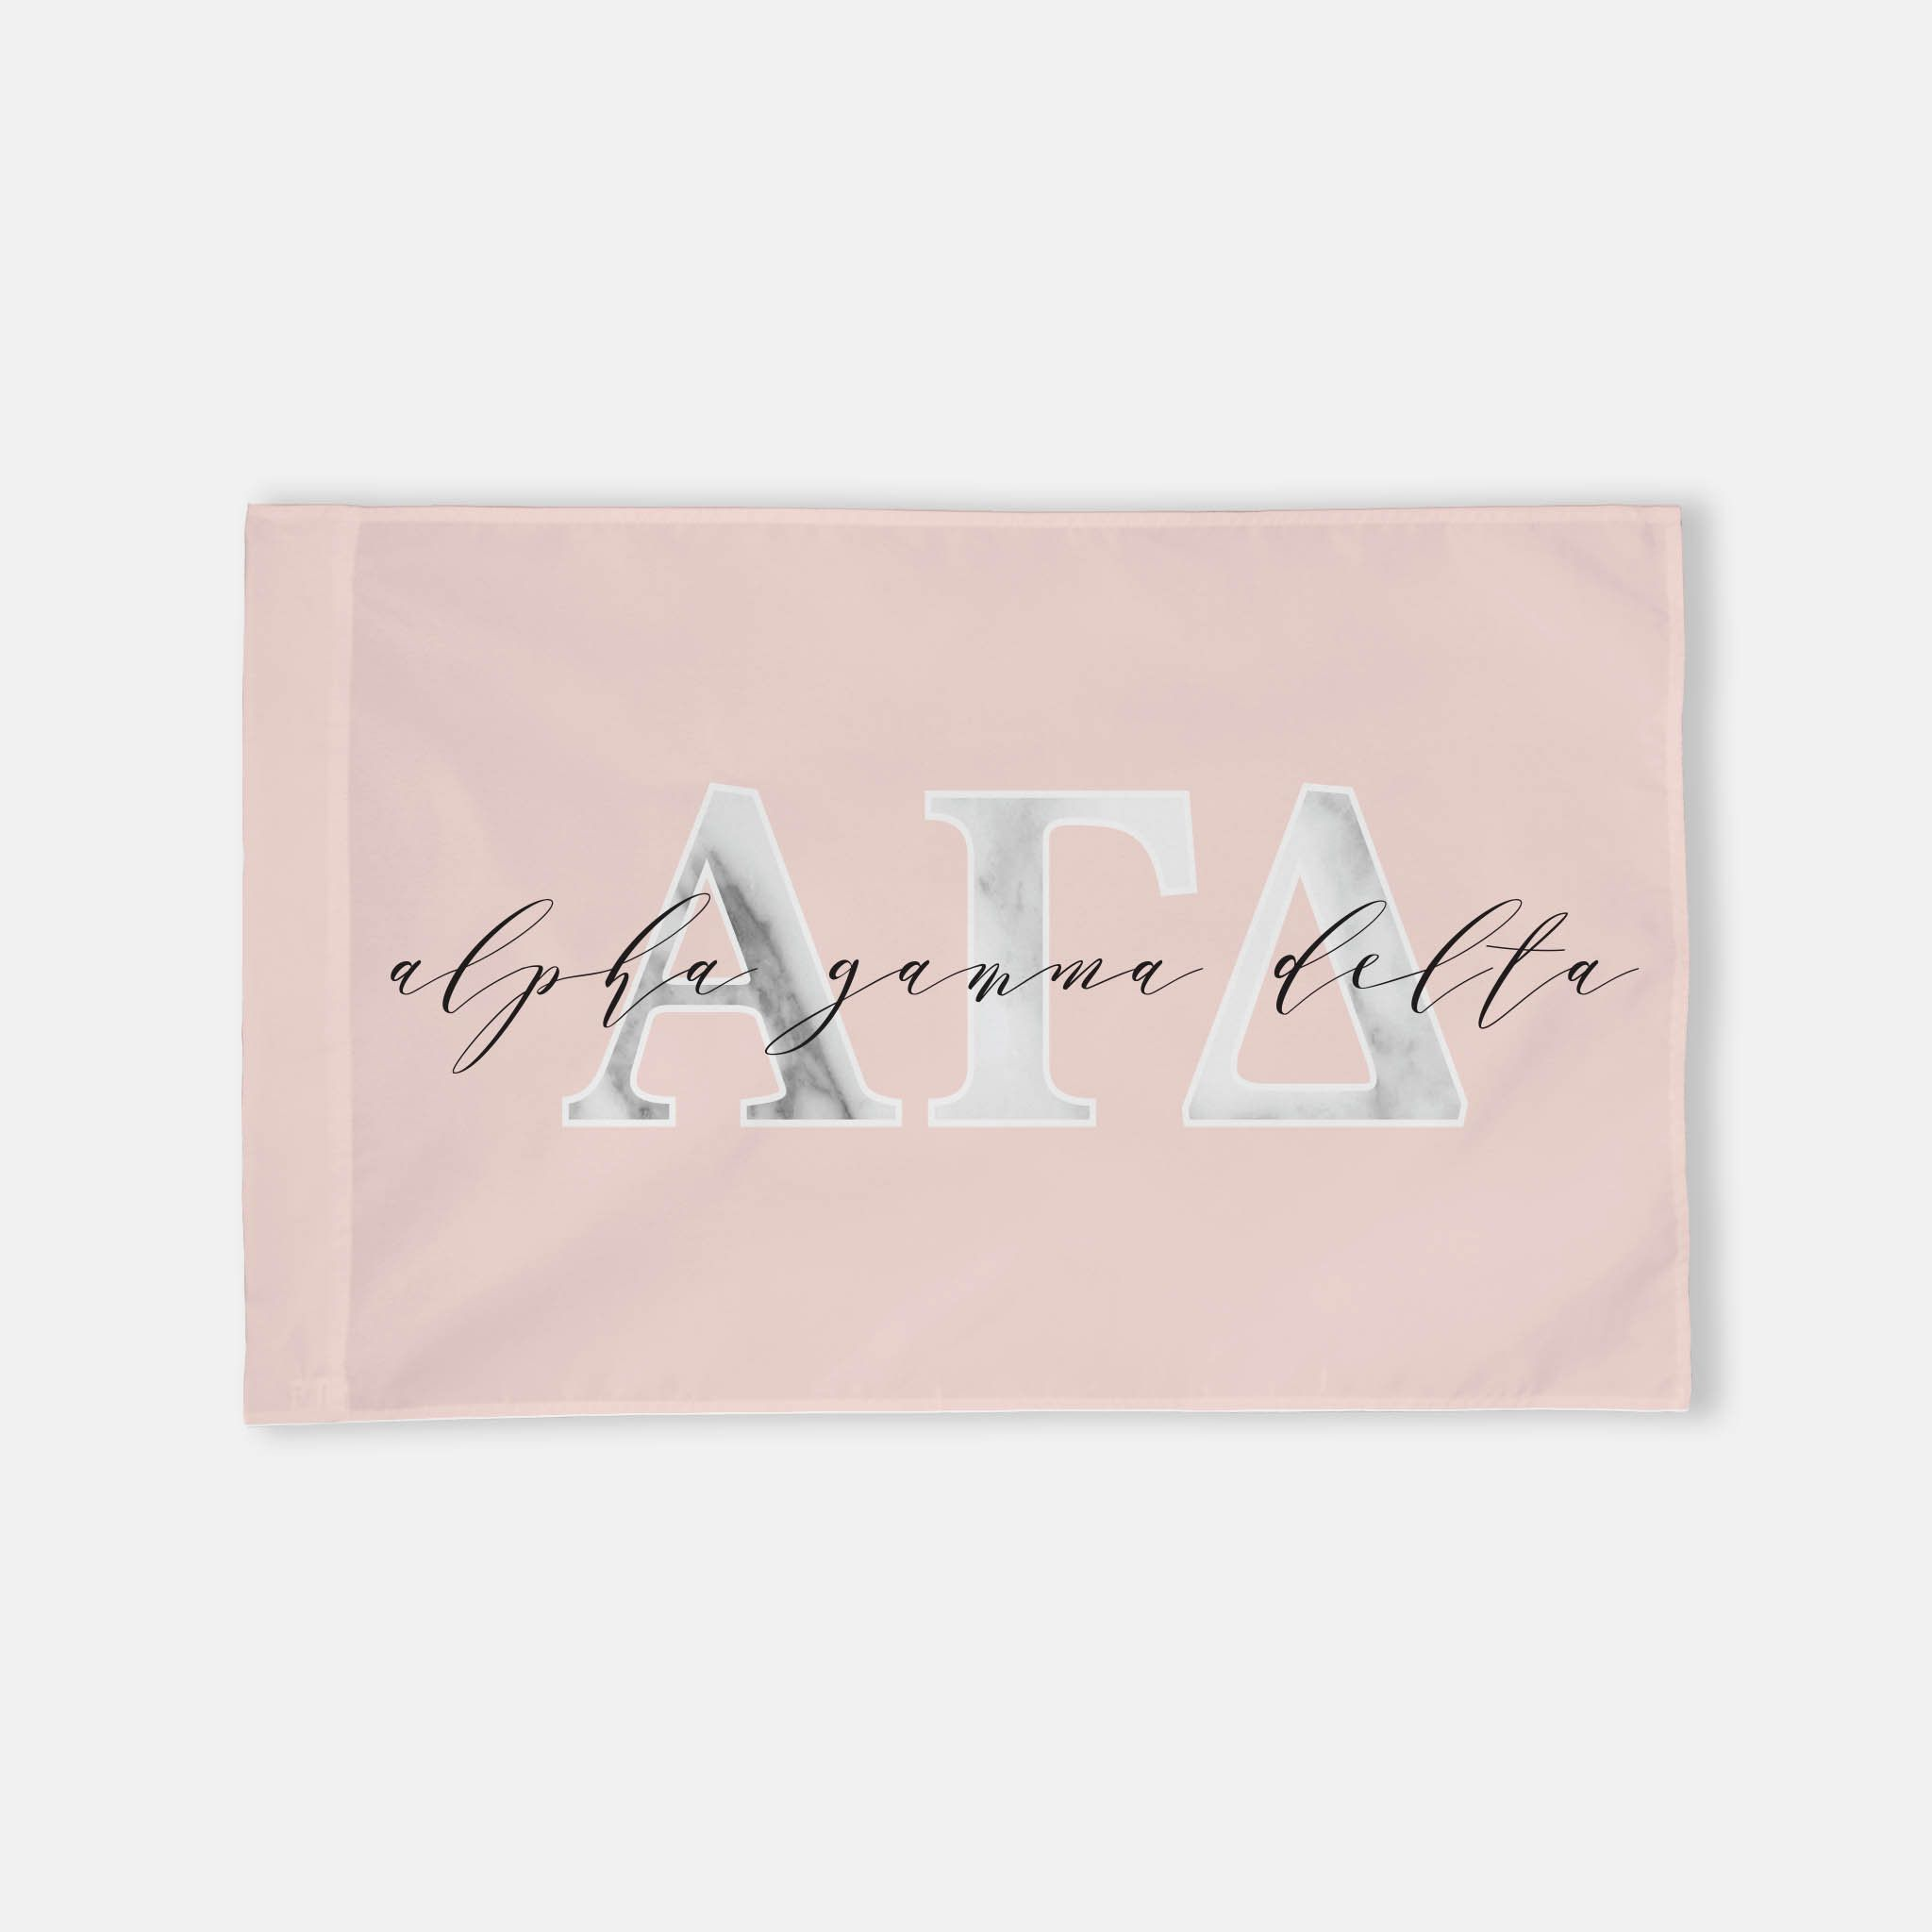 Alpha Gamma Delta Horizontal Greek Letter Flag Blush Etsy In 2020 Alpha Gamma Delta Flags Alpha Gamma Delta Tri Delta Flags